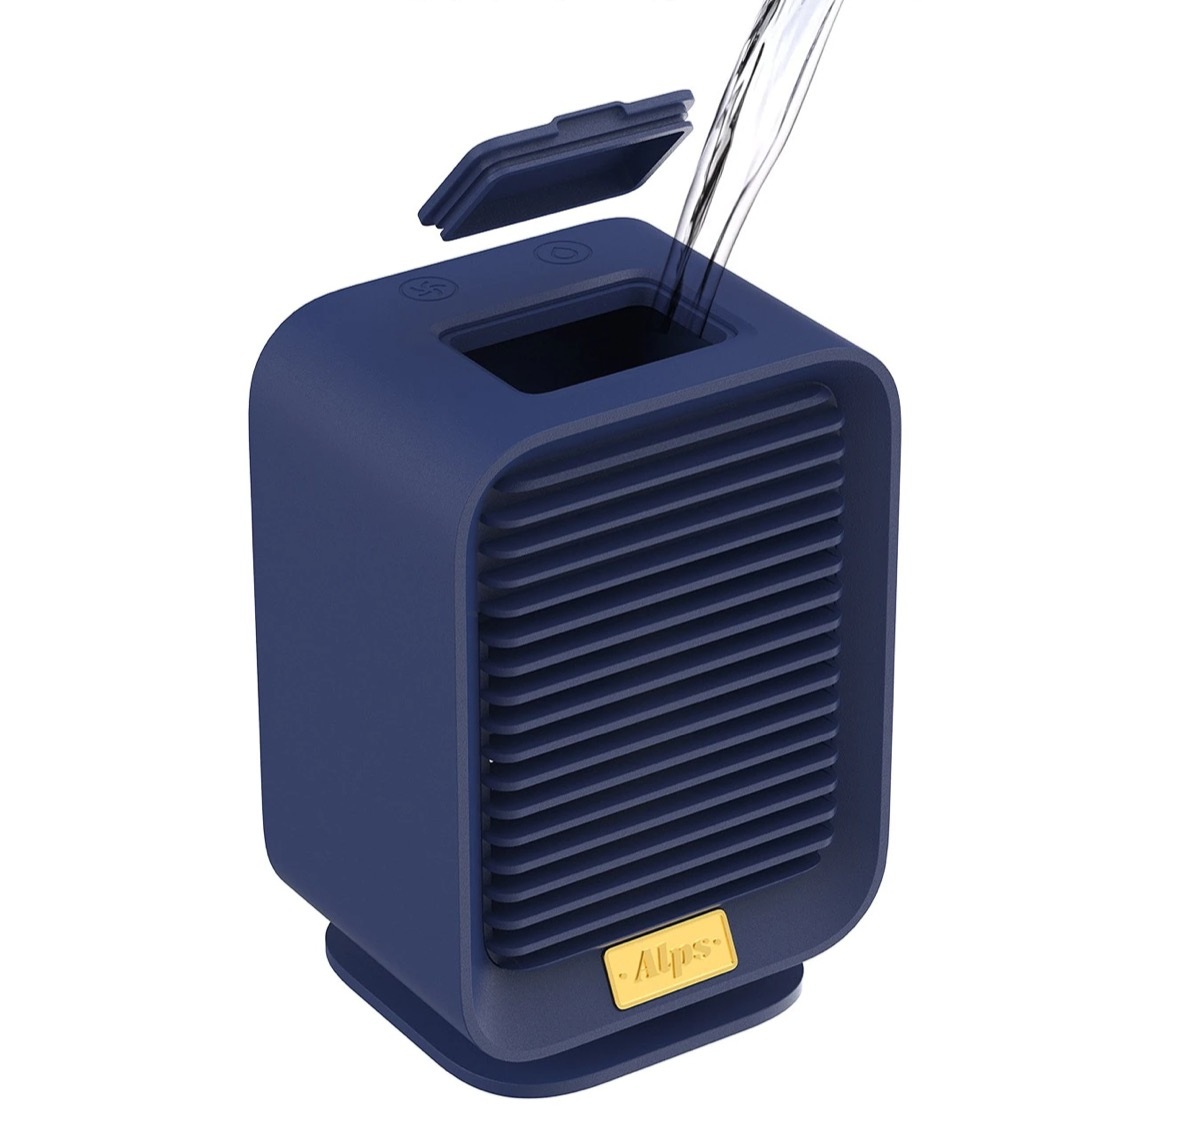 Preparatevi al caldo con il mini condizionatore da scrivania a 21,76 euro